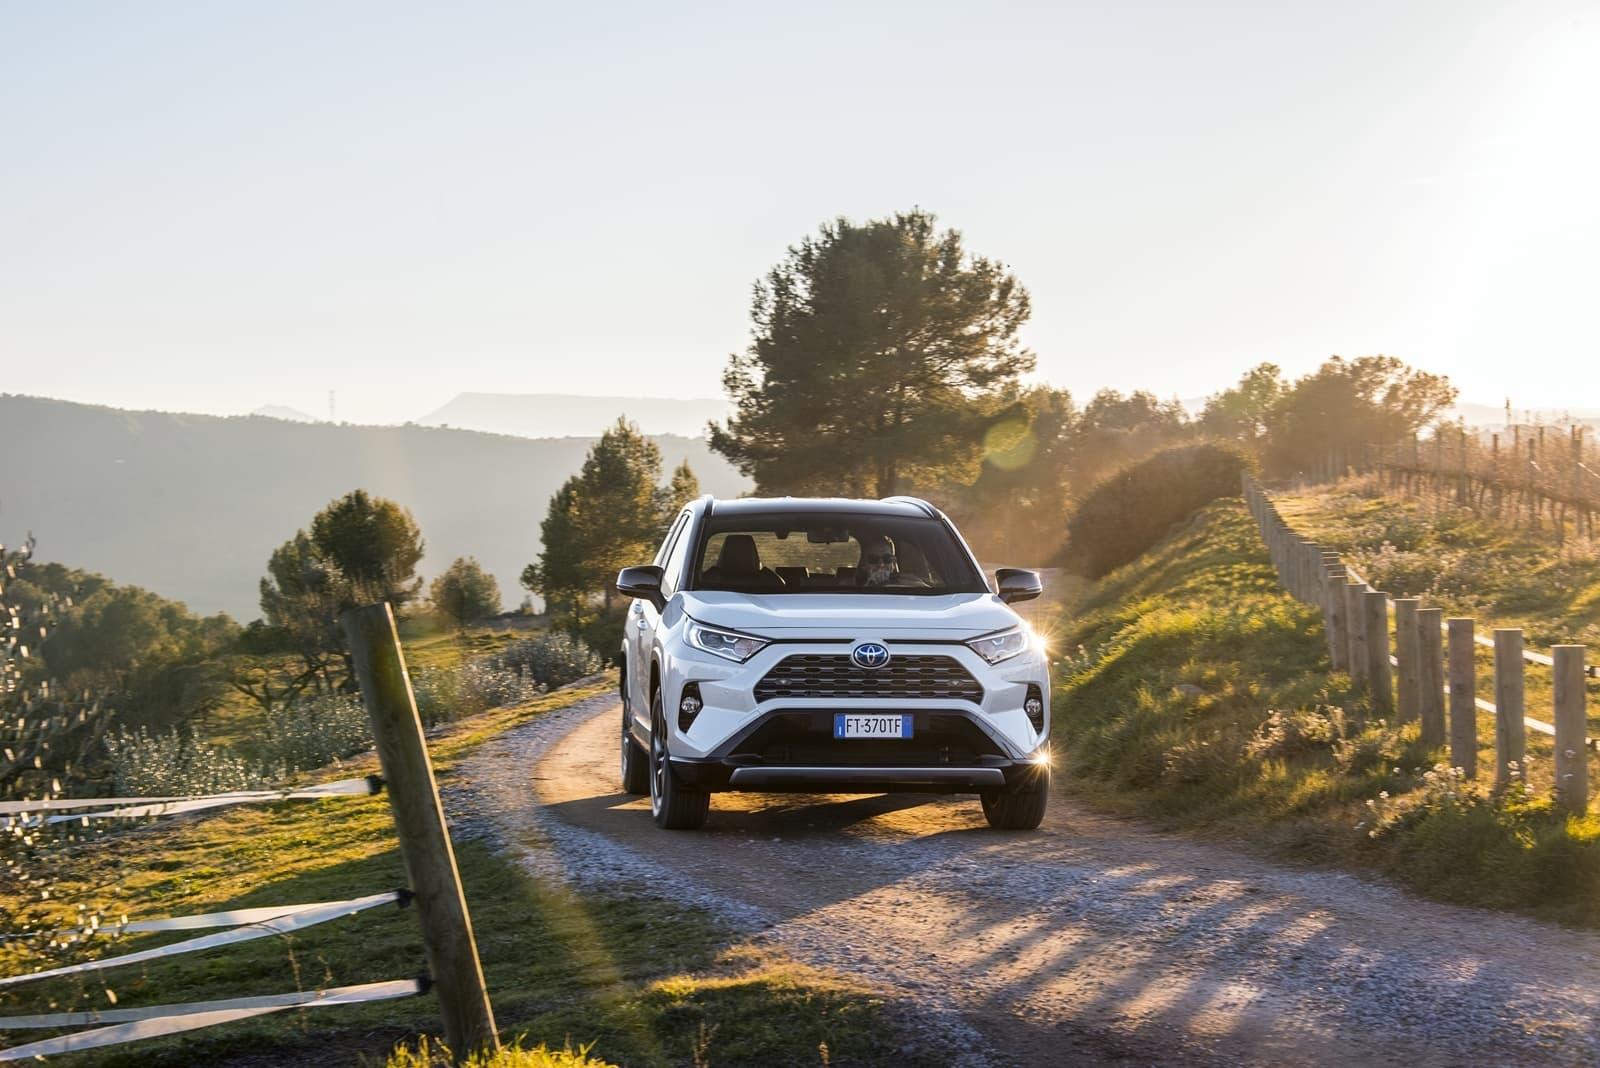 Toyota Rav4 2019 0119 096